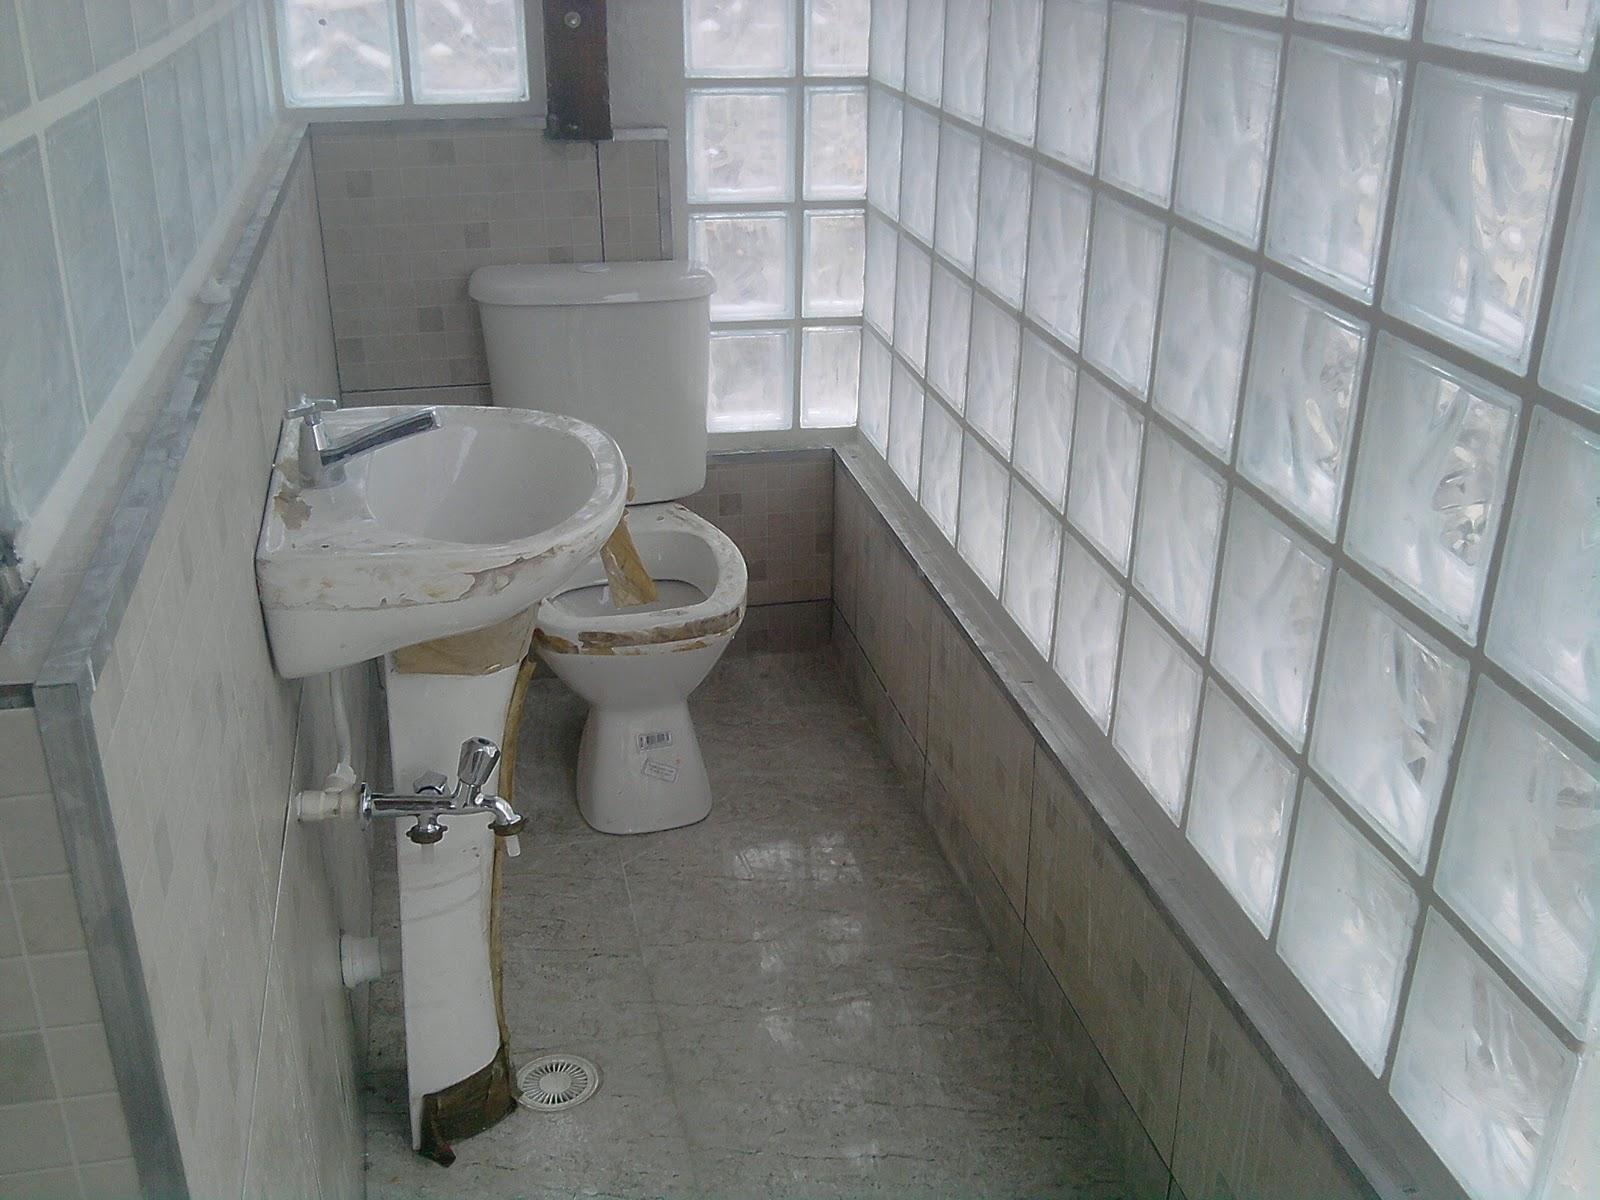 REFORMA: Banheiro com tijolo de vidro em fase de acabamento #585249 1600x1200 Banheiro Com Acabamento Em Pedra